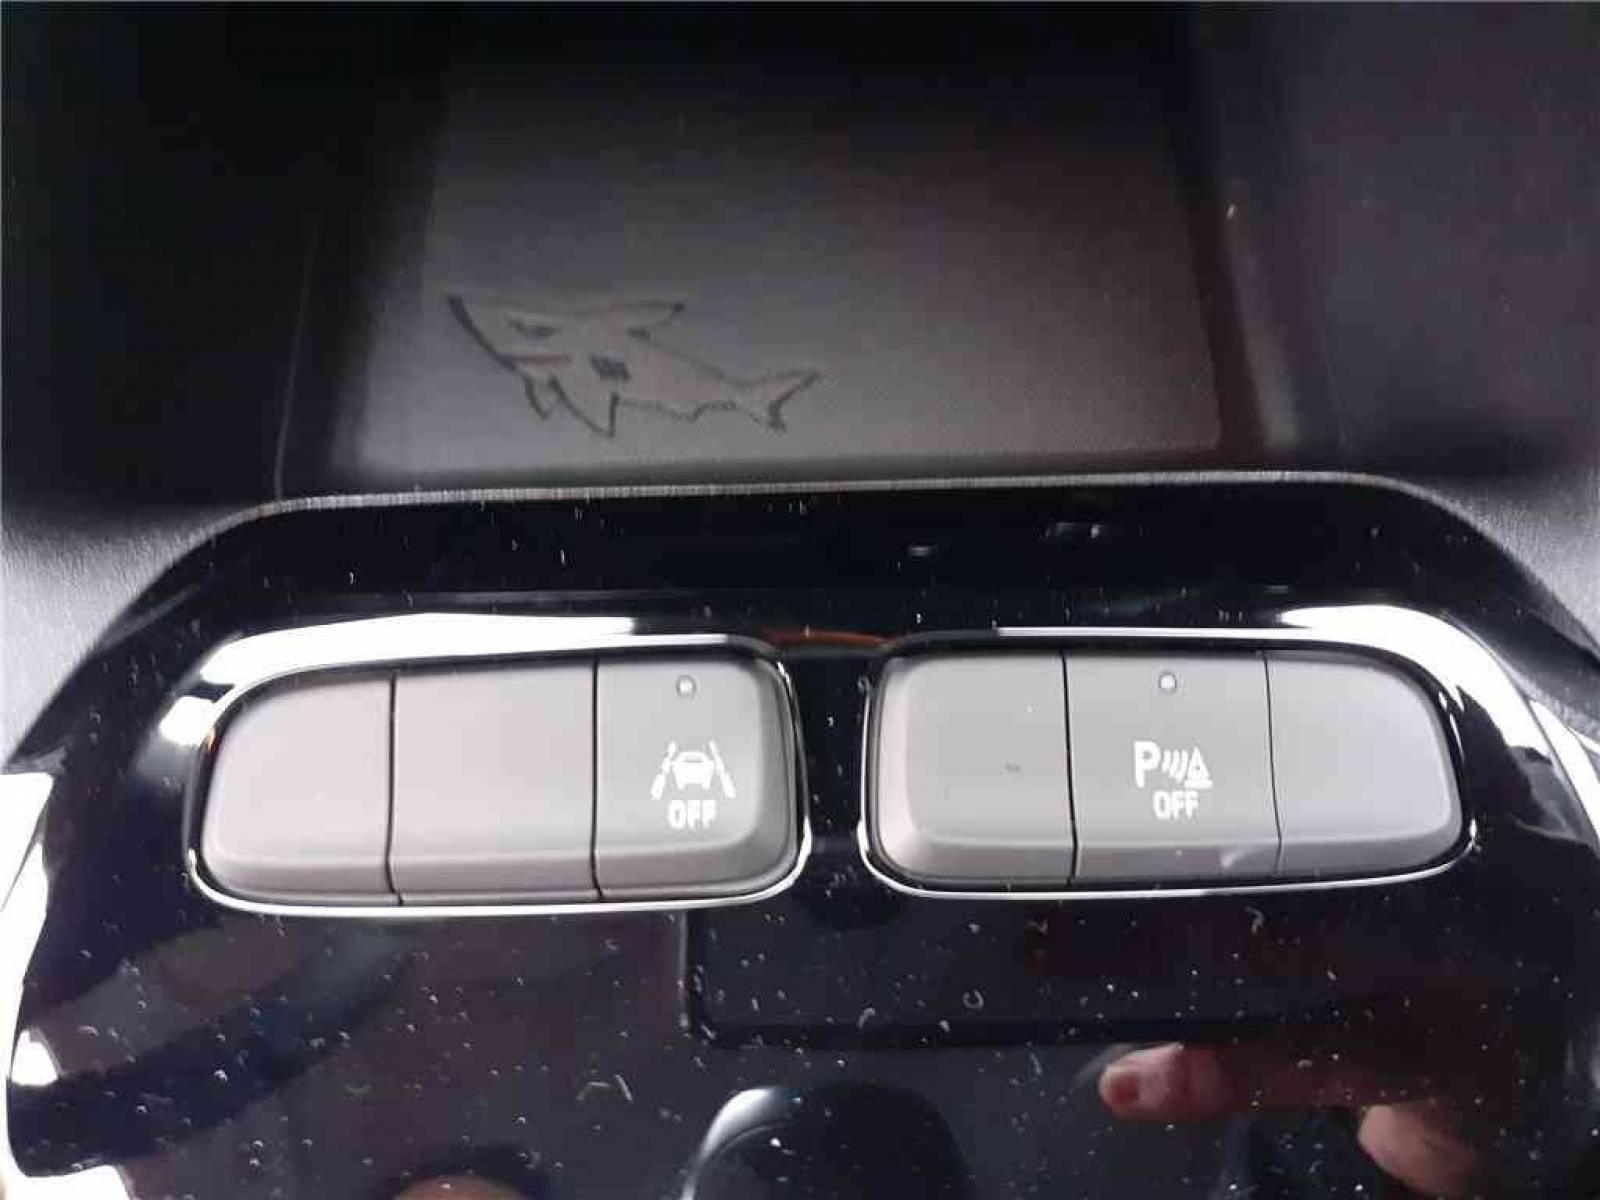 OPEL Corsa Electrique 136 ch & Batterie 50 kw/h - véhicule d'occasion - Groupe Guillet - Opel Magicauto - Montceau-les-Mines - 71300 - Montceau-les-Mines - 36